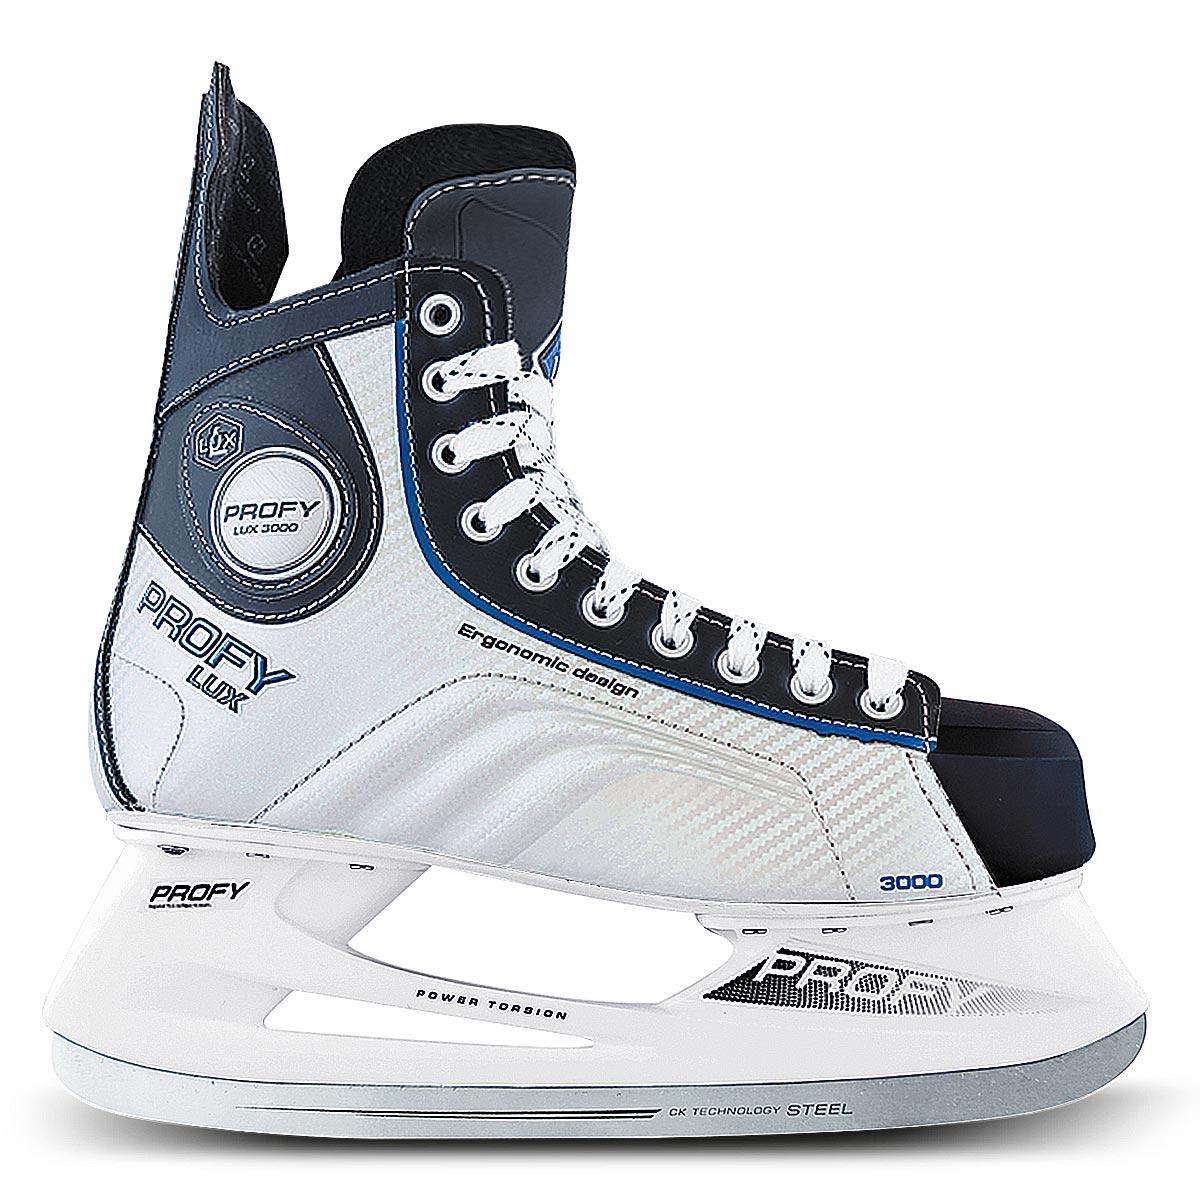 Коньки хоккейные мужские СК Profy Lux 3000, цвет: черный, серебряный, синий. Размер 39